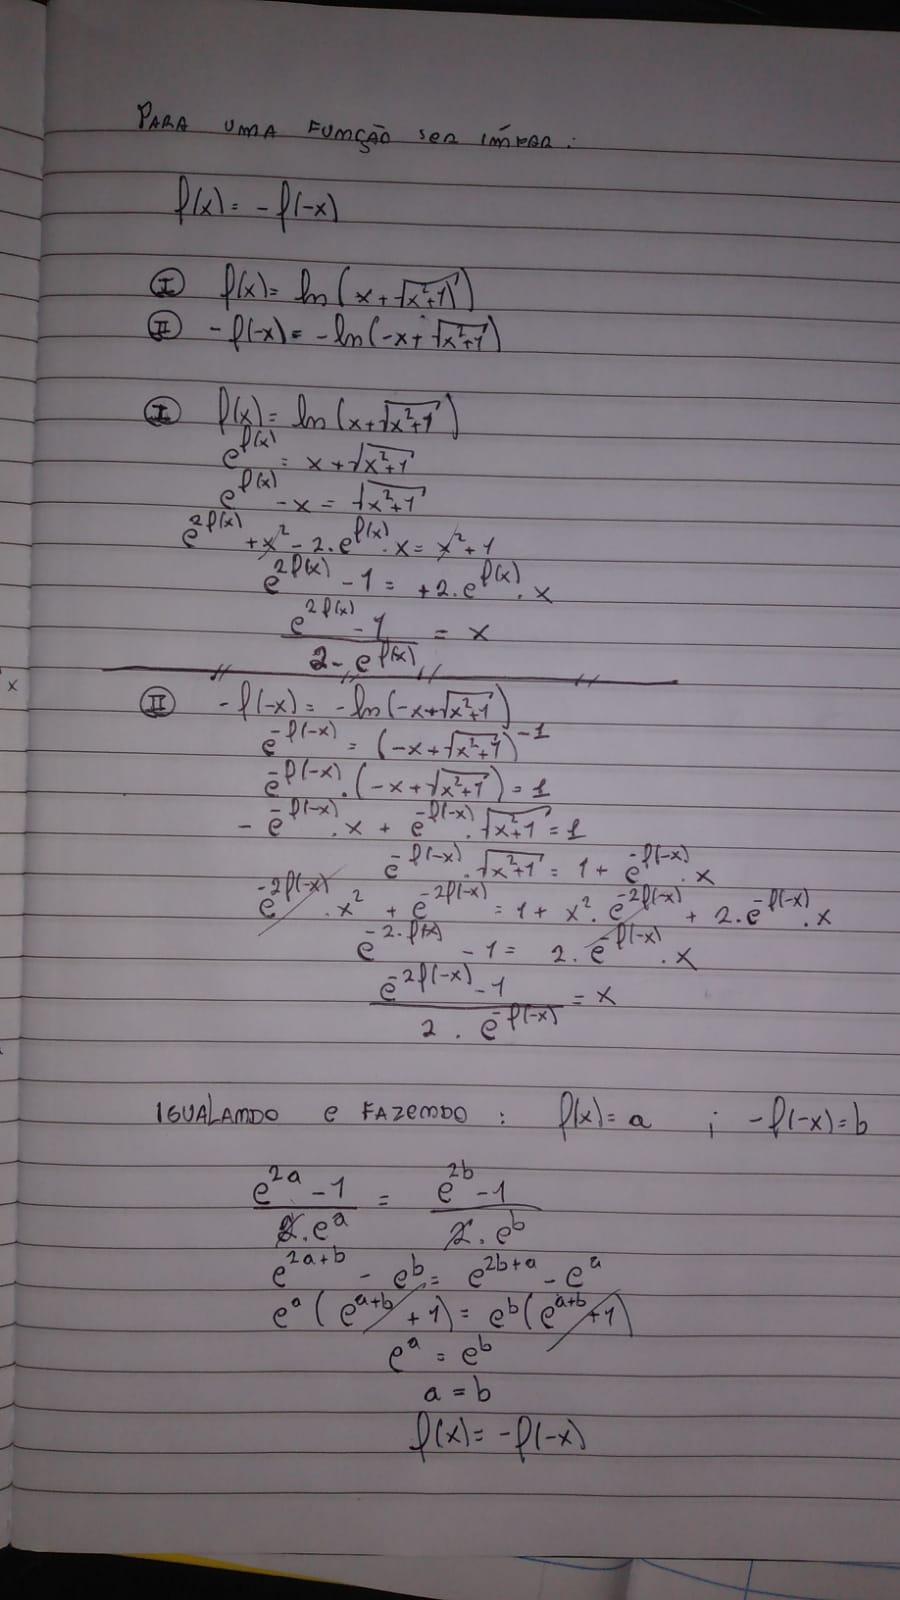 Demonstre que a função é impar e encontre sua inversa Whatsa23